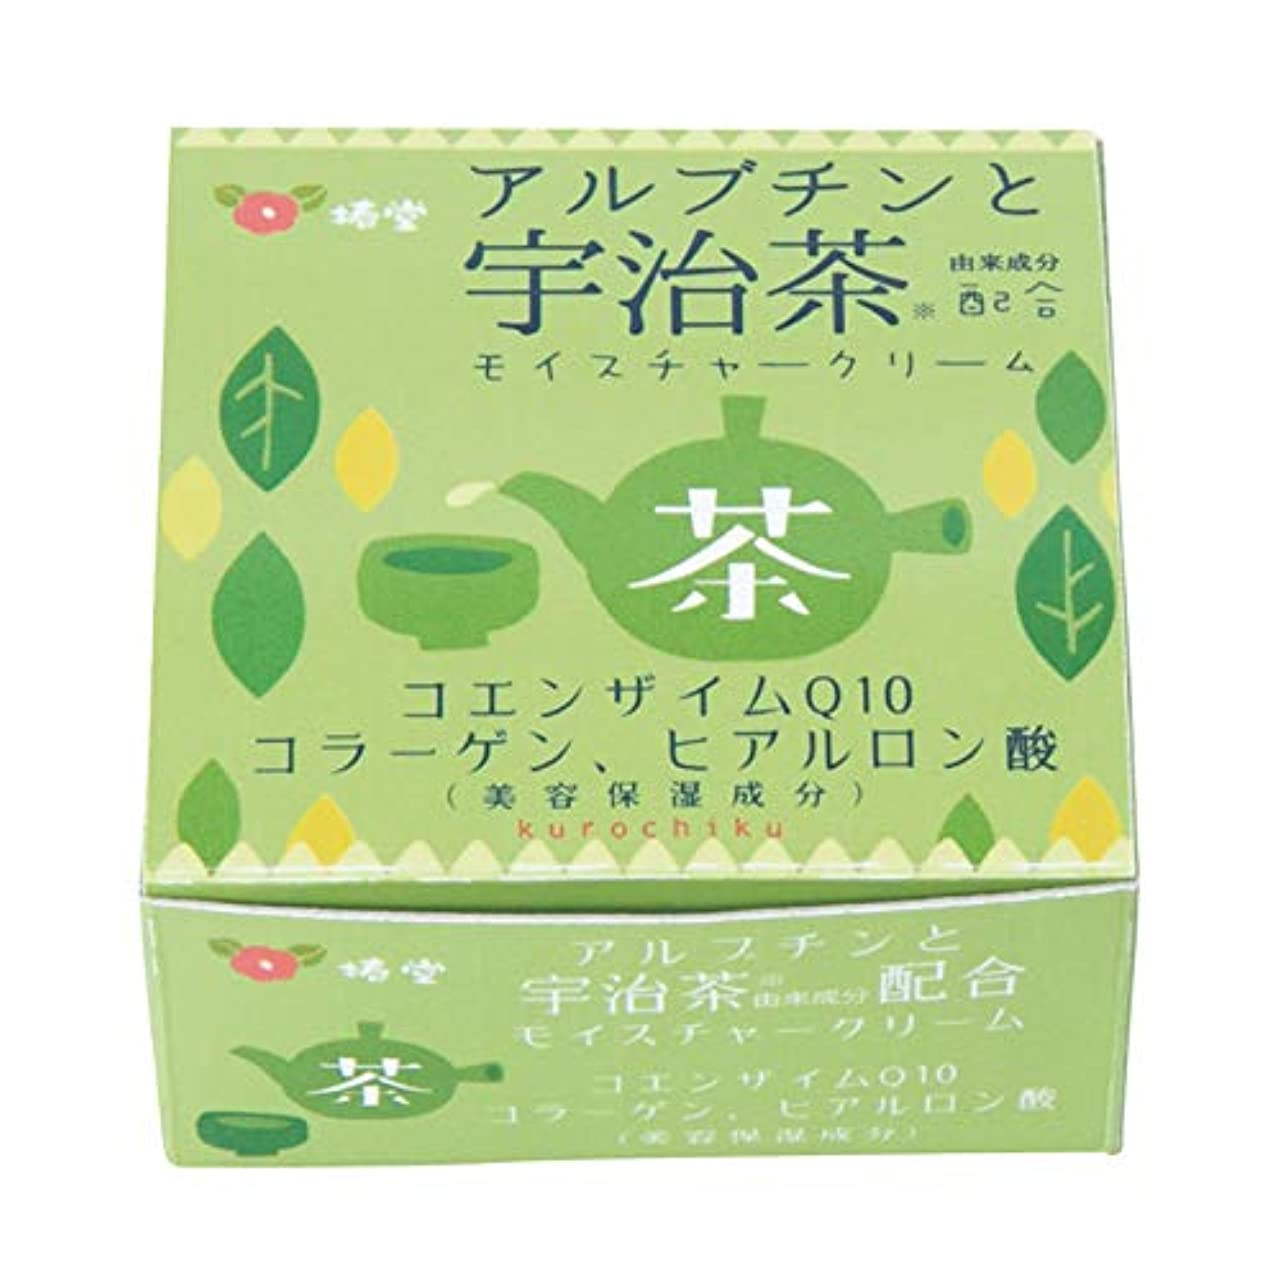 環境句読点雑種椿堂 宇治茶モイスチャークリーム (アルブチンと宇治茶) 京都くろちく